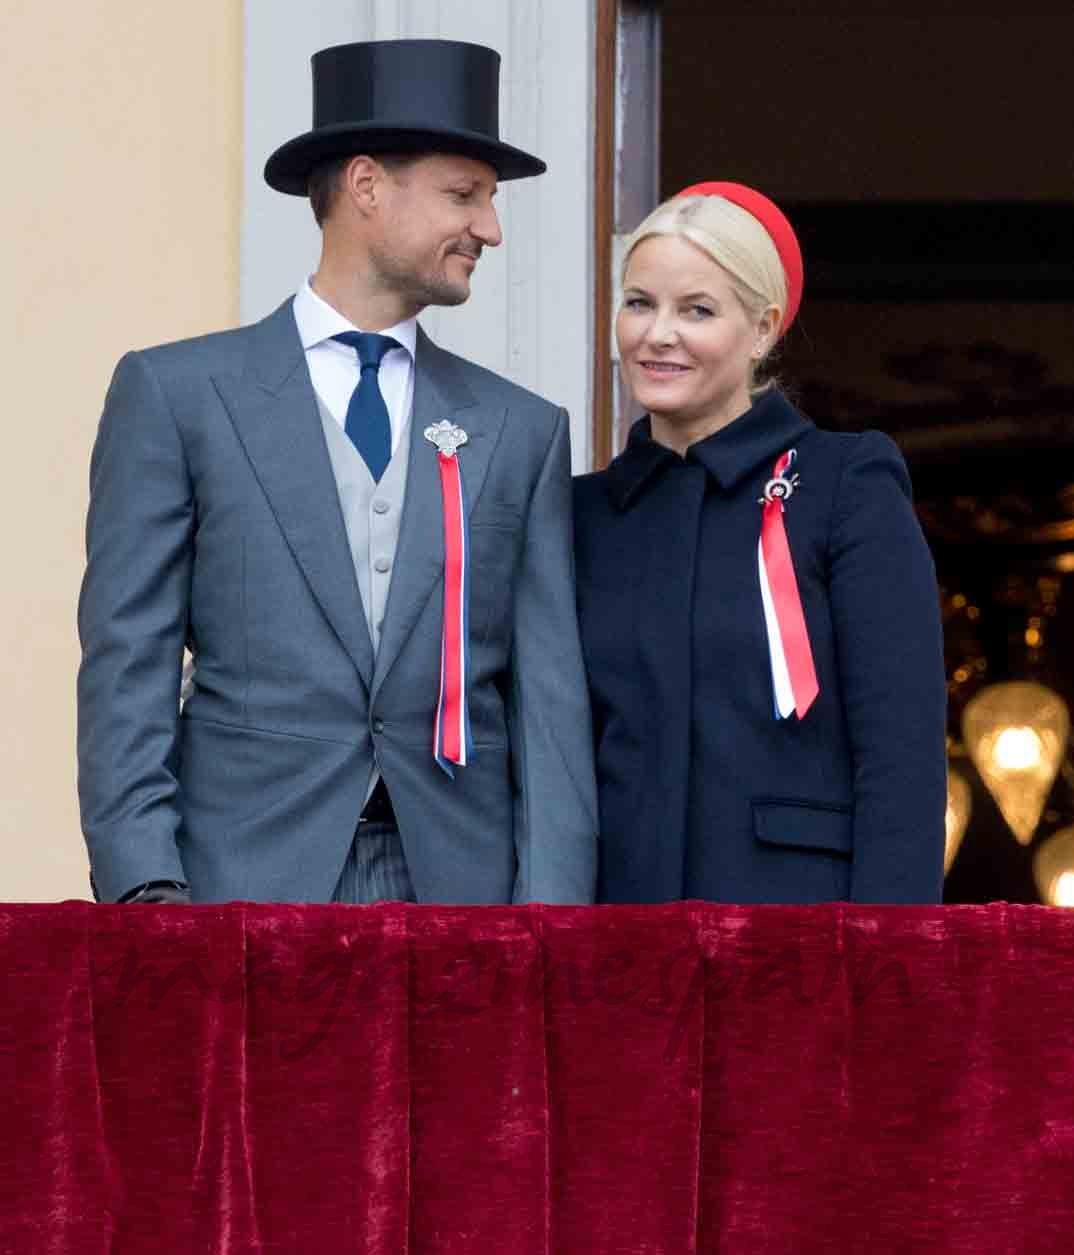 principes de noruega celebran su dia nacional